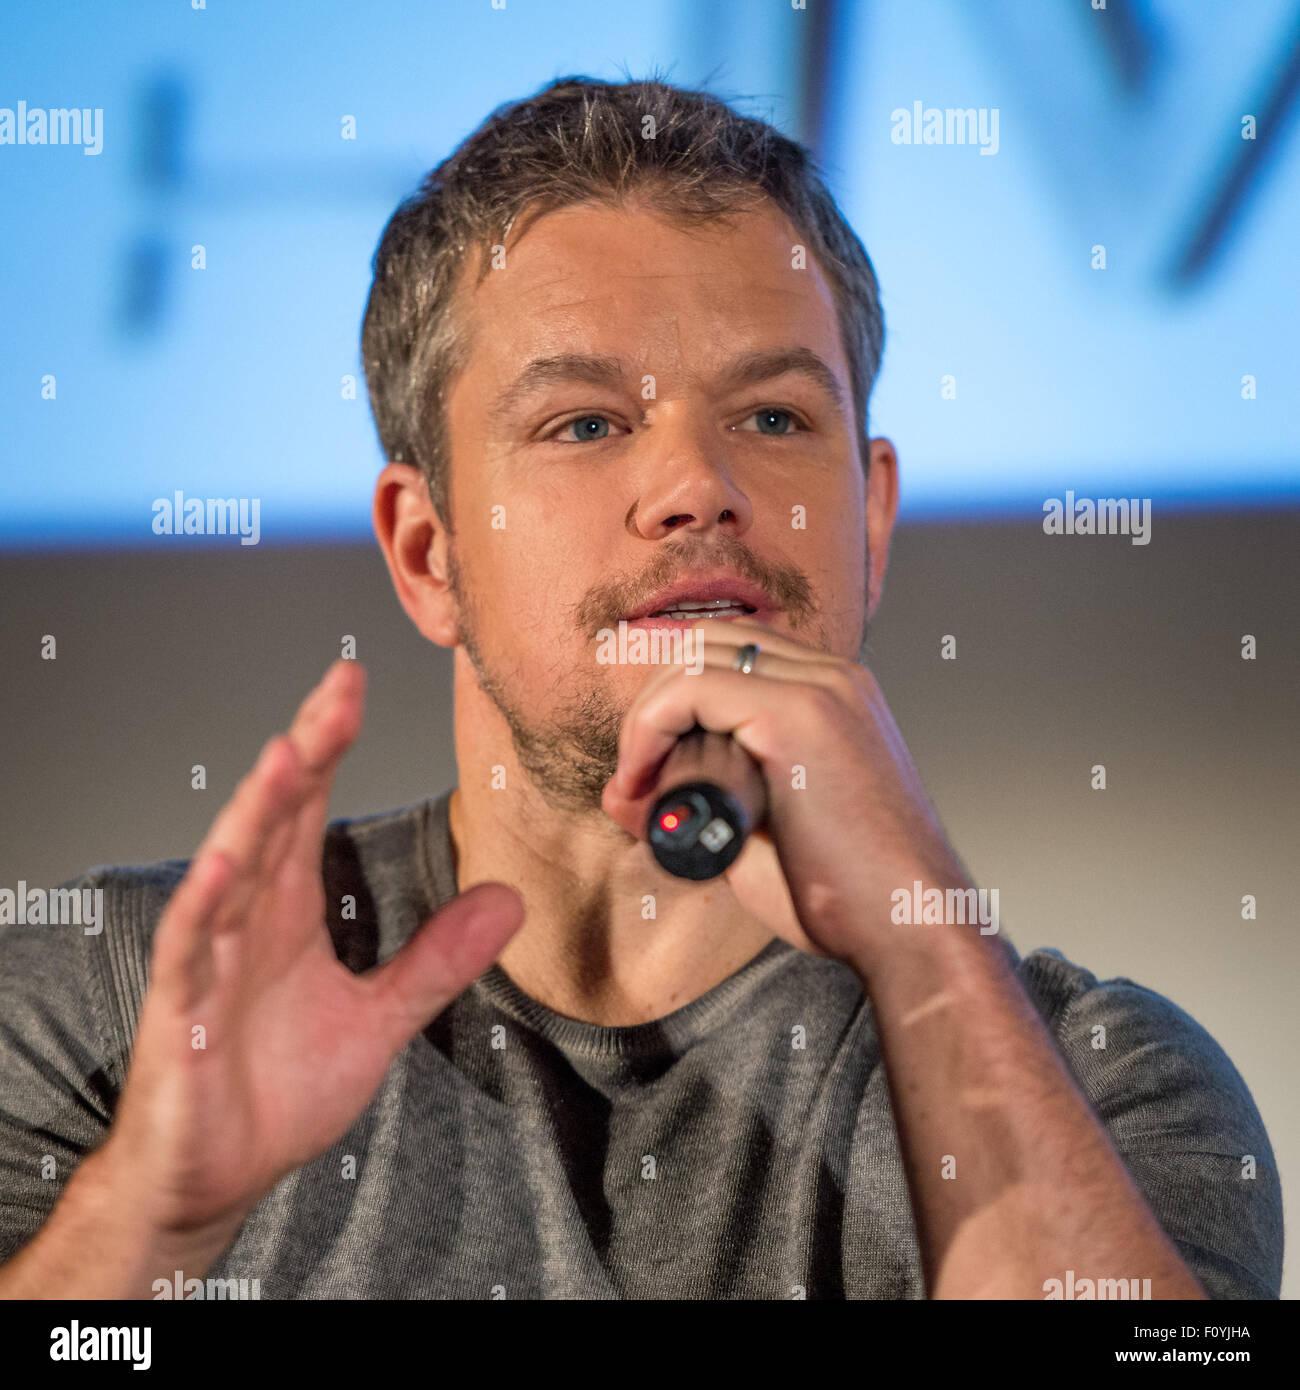 Actor Matt Damon participate in a question and answer session August 18, 2015 in La Ca–ada Flintridge, California. - Stock Image